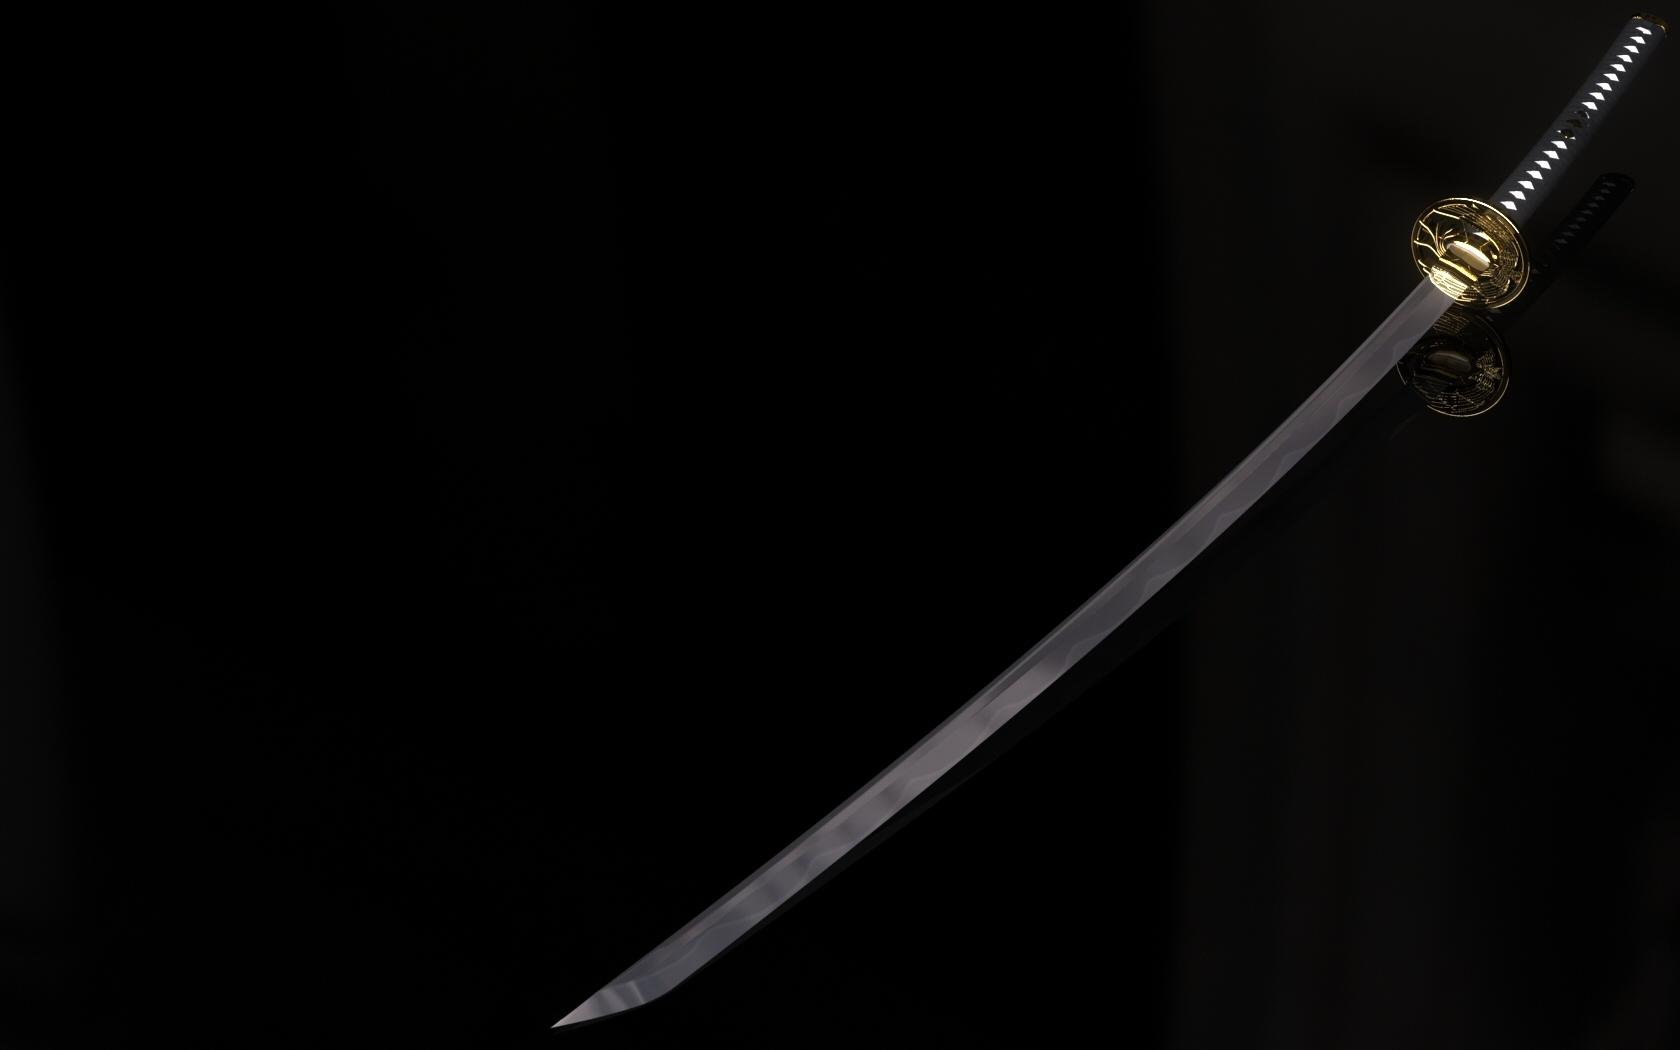 Samurai Sword Wallpaper - WallpaperSafari